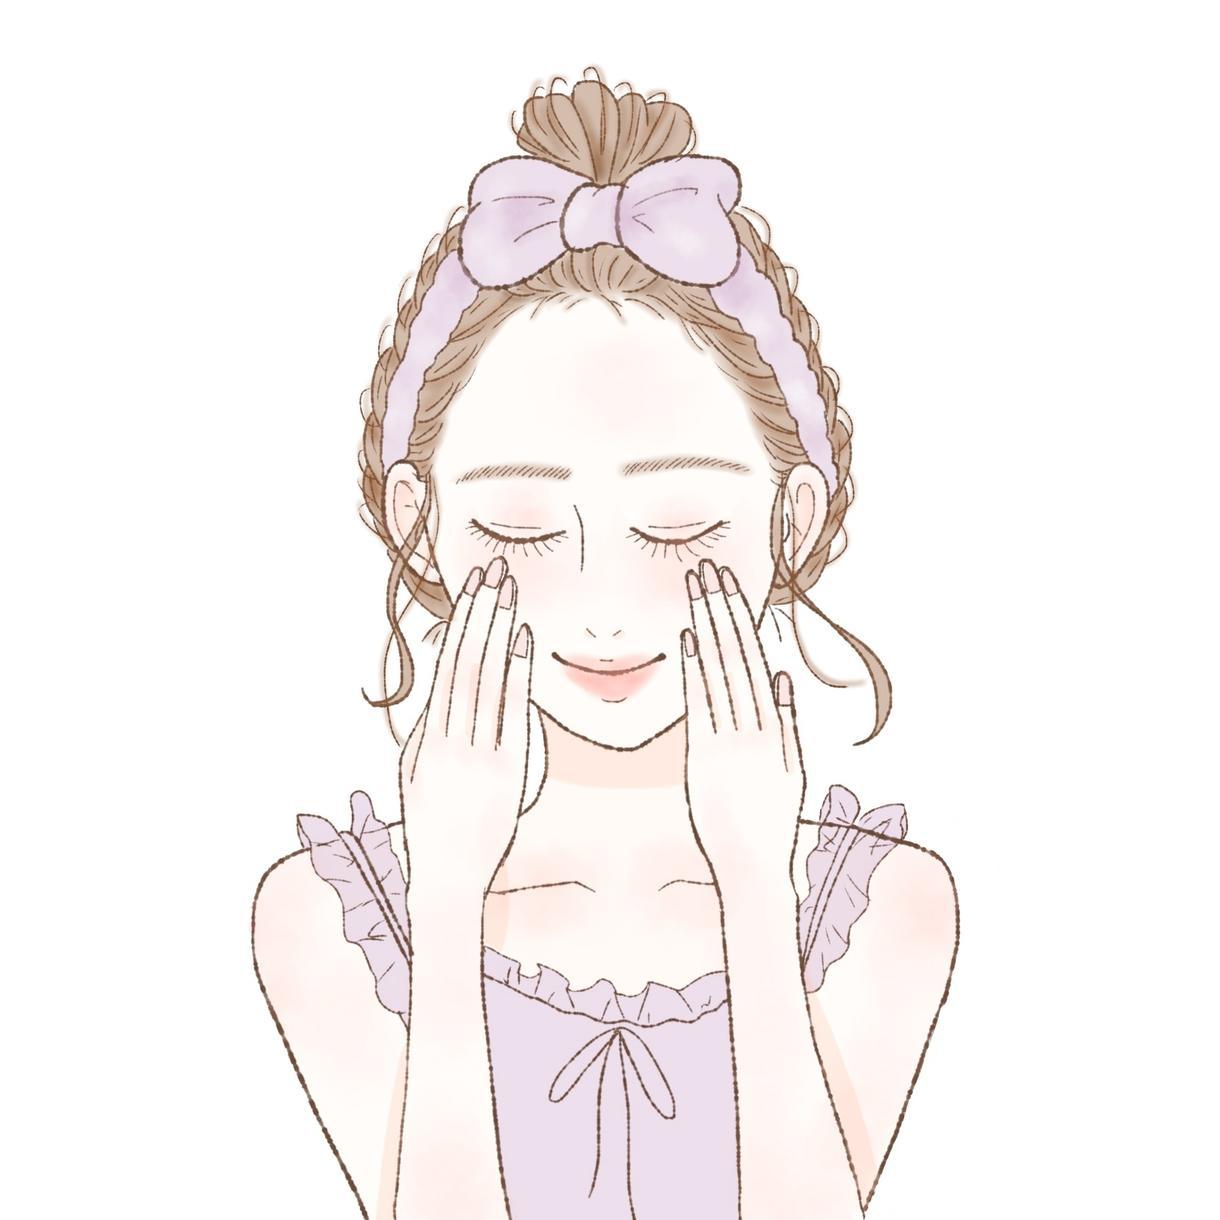 古着女子様専用でイラストお描きします 女の子向けのイラストをお届けします!